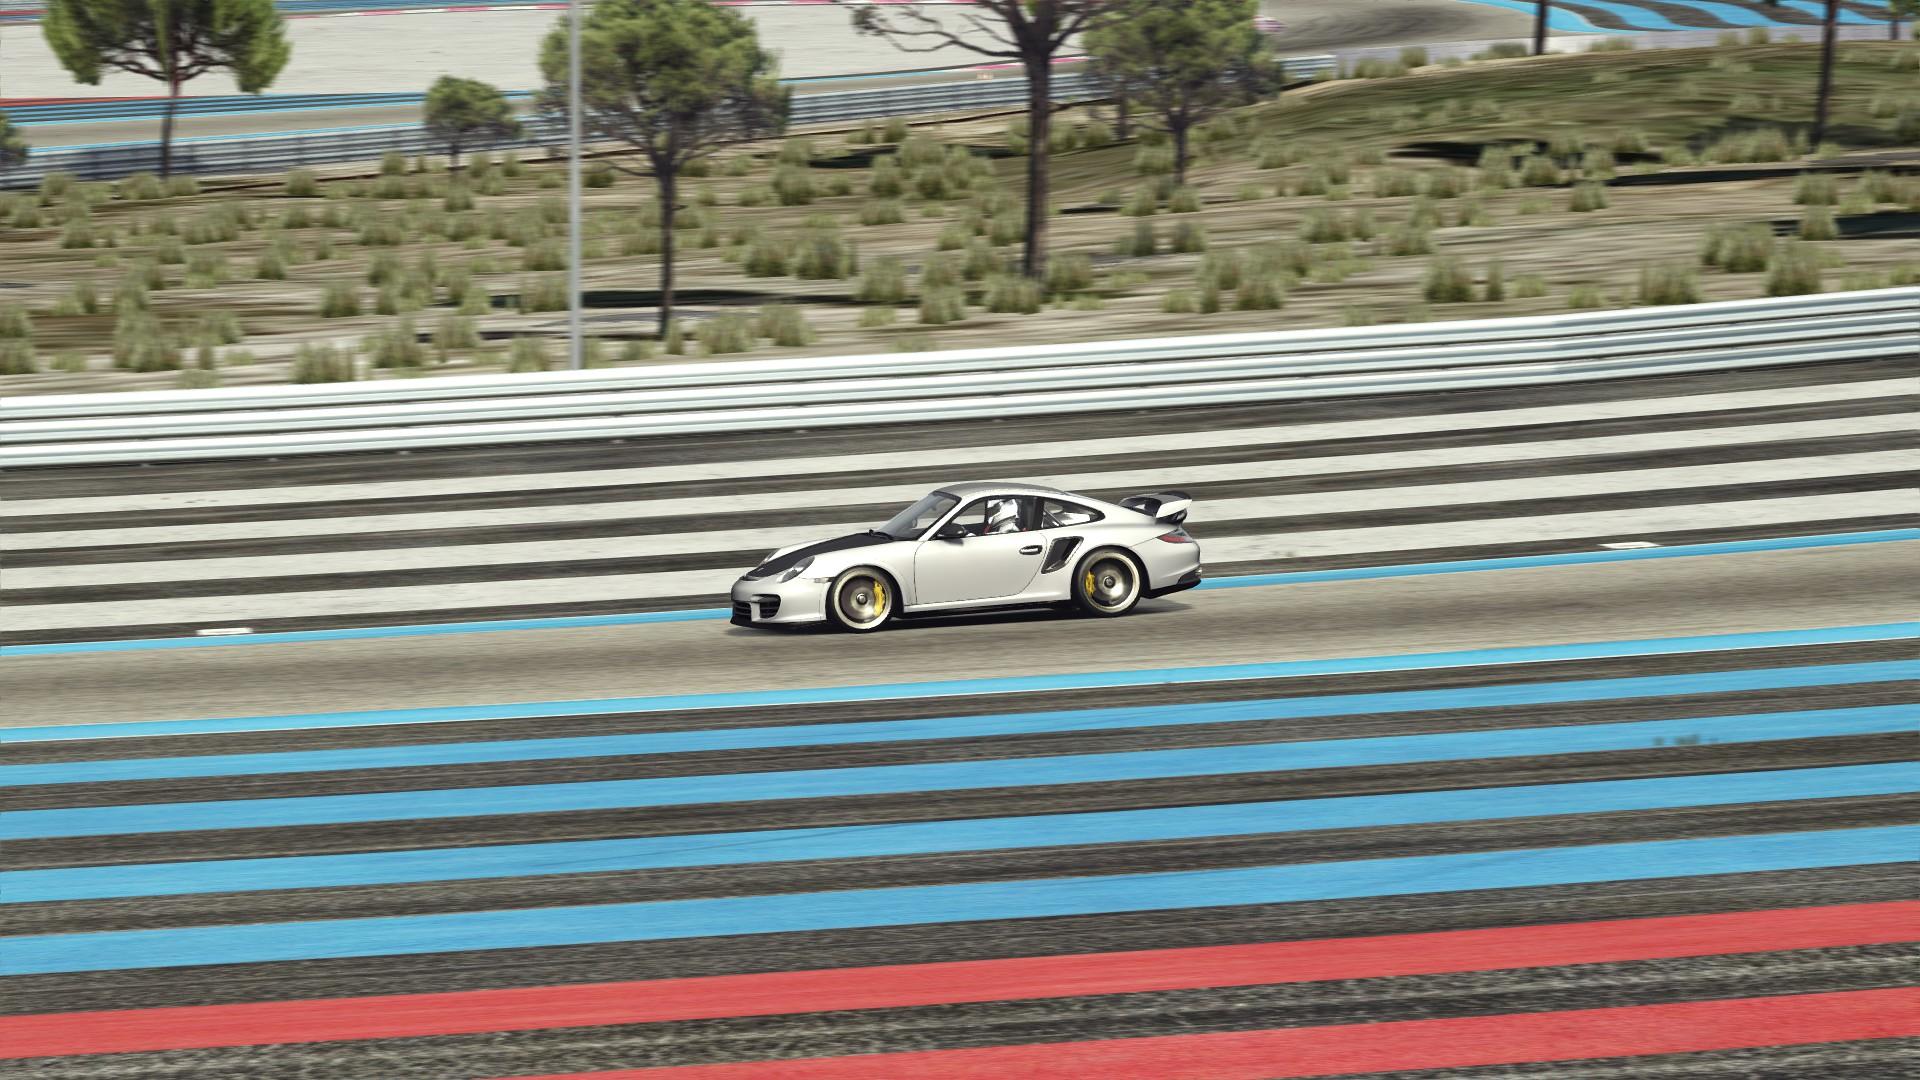 Porsche 997 GT2RS Assetto Corsa 1.14 088.jpg